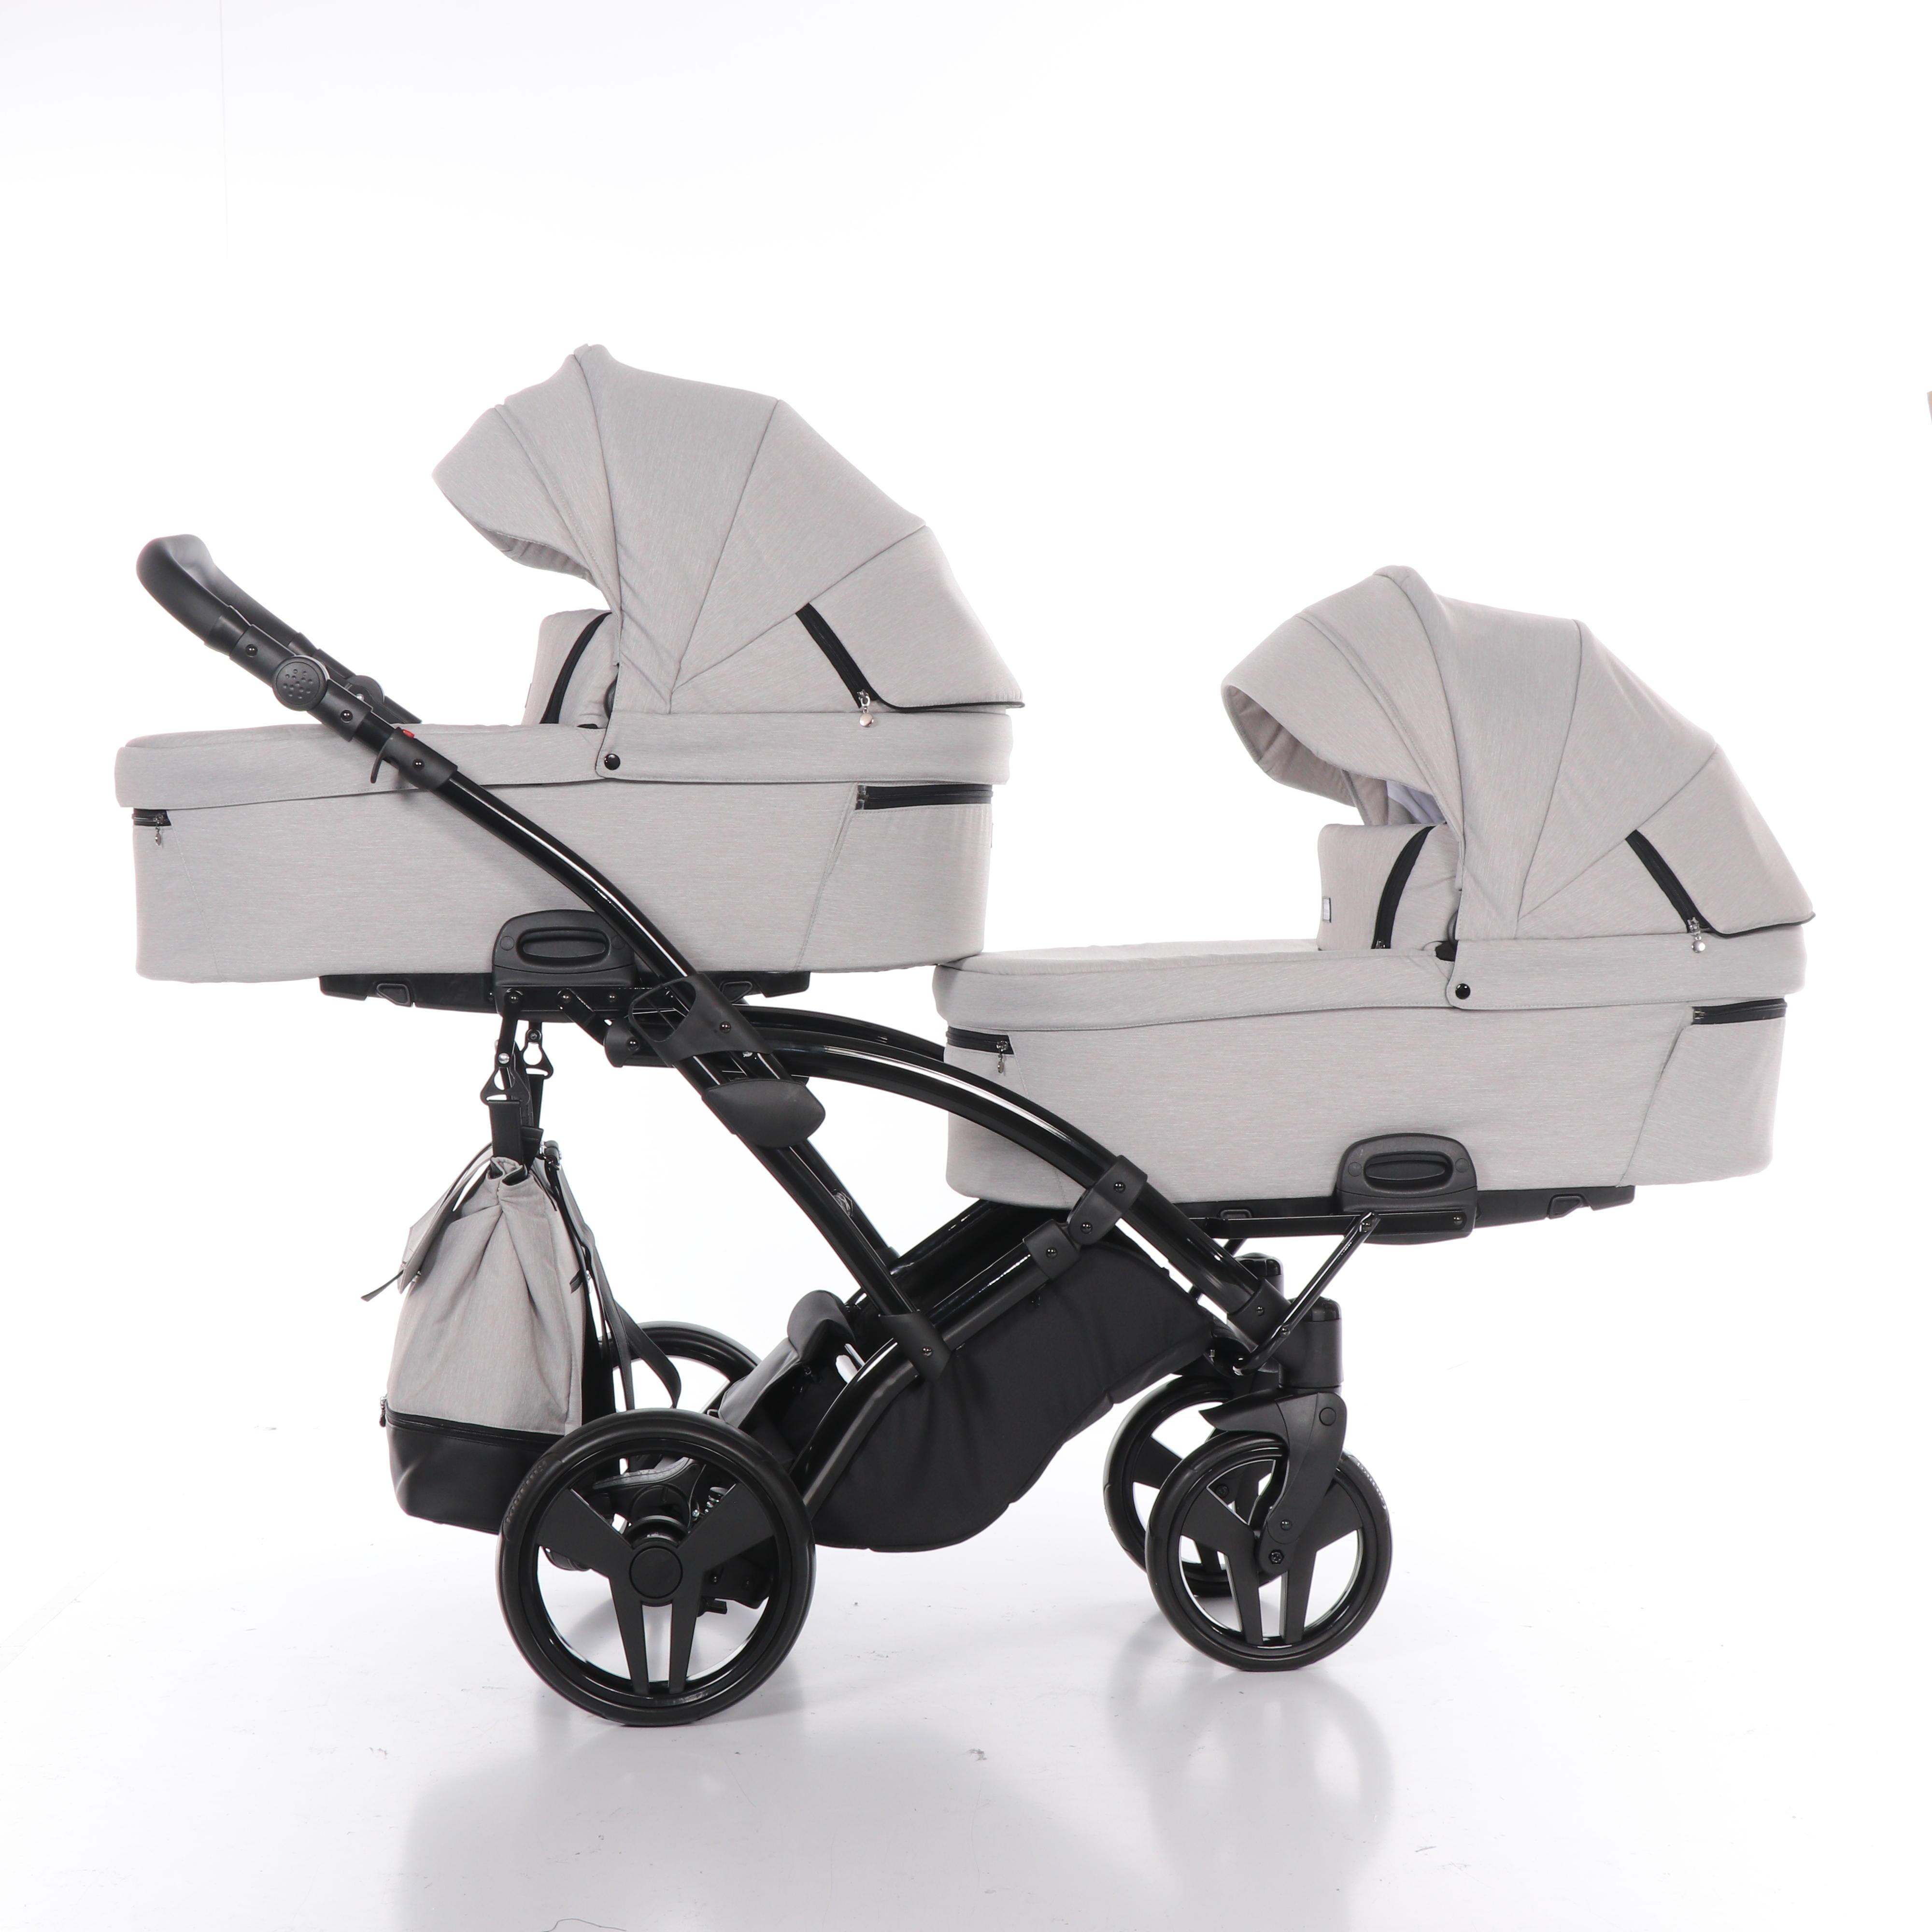 wózek dzieciecy wielofunkcyjny bliźniaczy Artemo Duo Slim Tako gondola